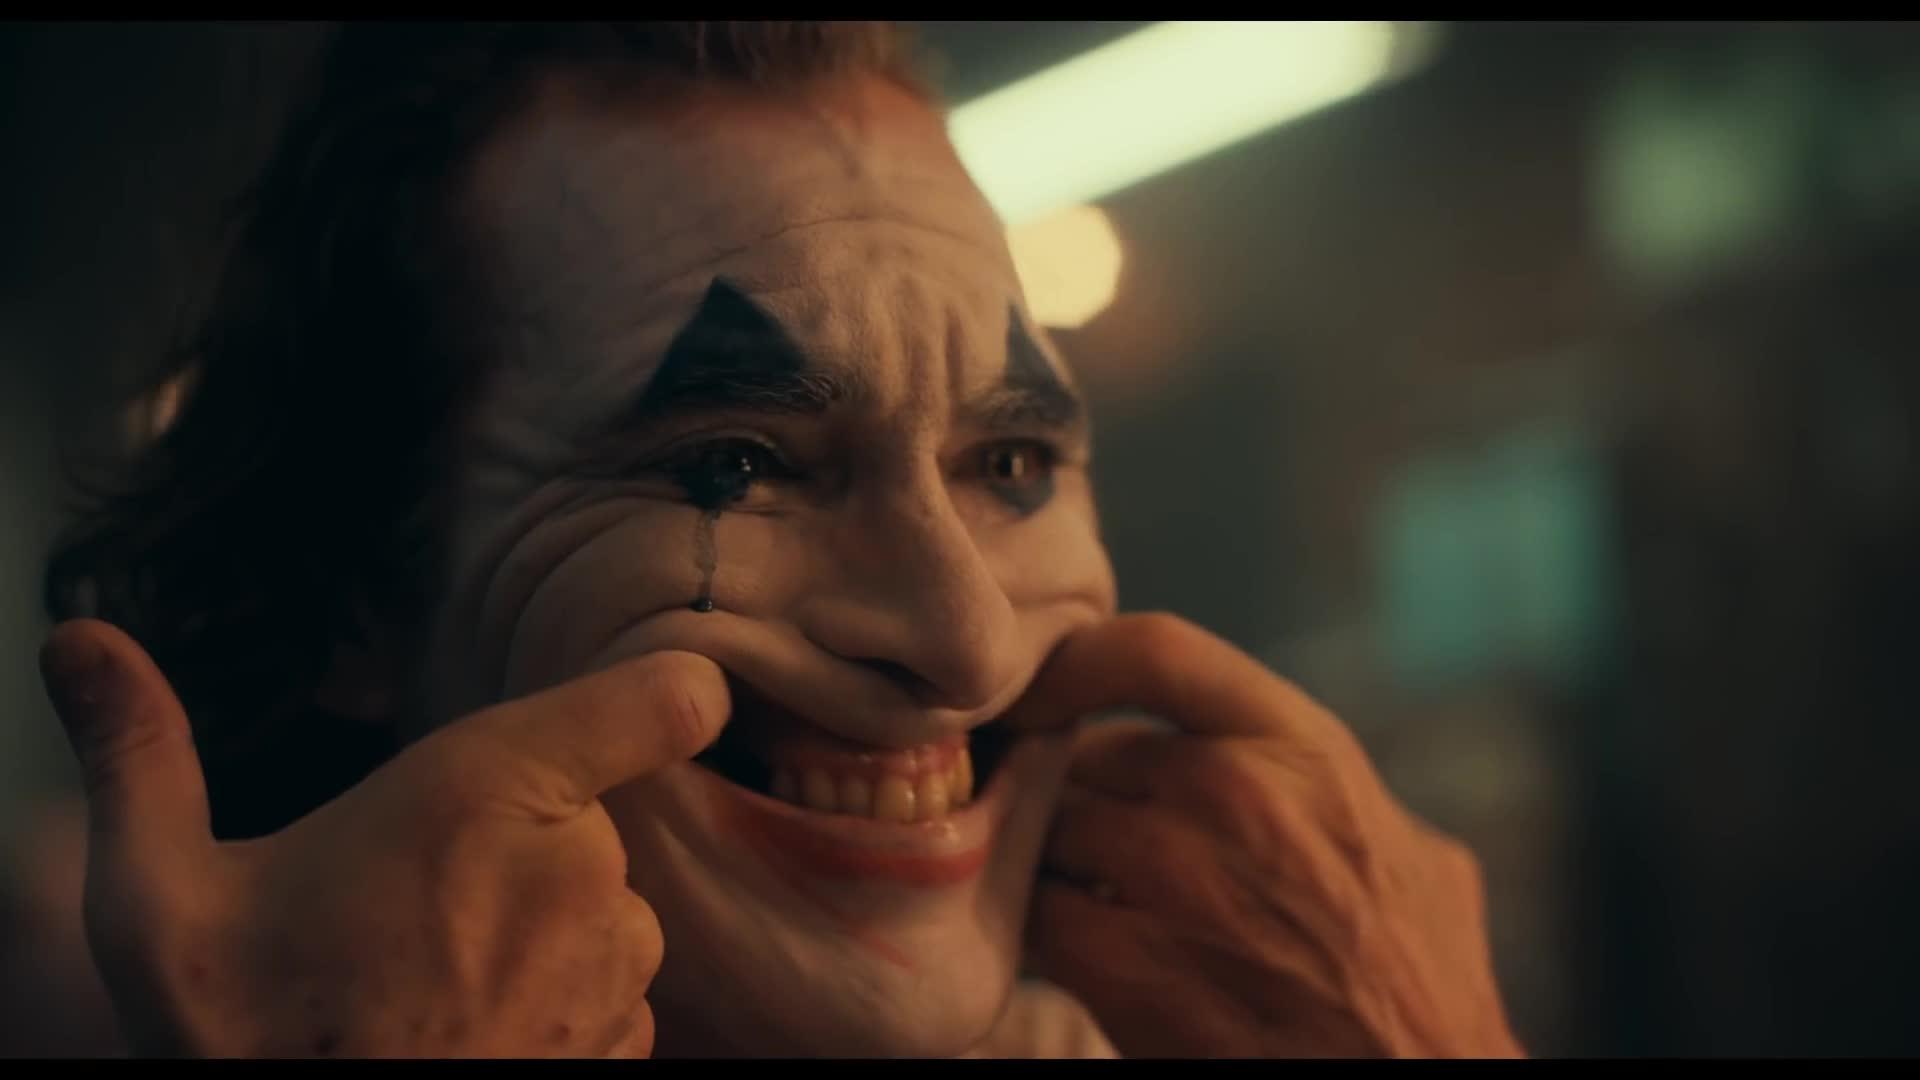 Neuer Joker-Film: Erstes Filmplakat mit Joaquin Phoenix veröffentlicht